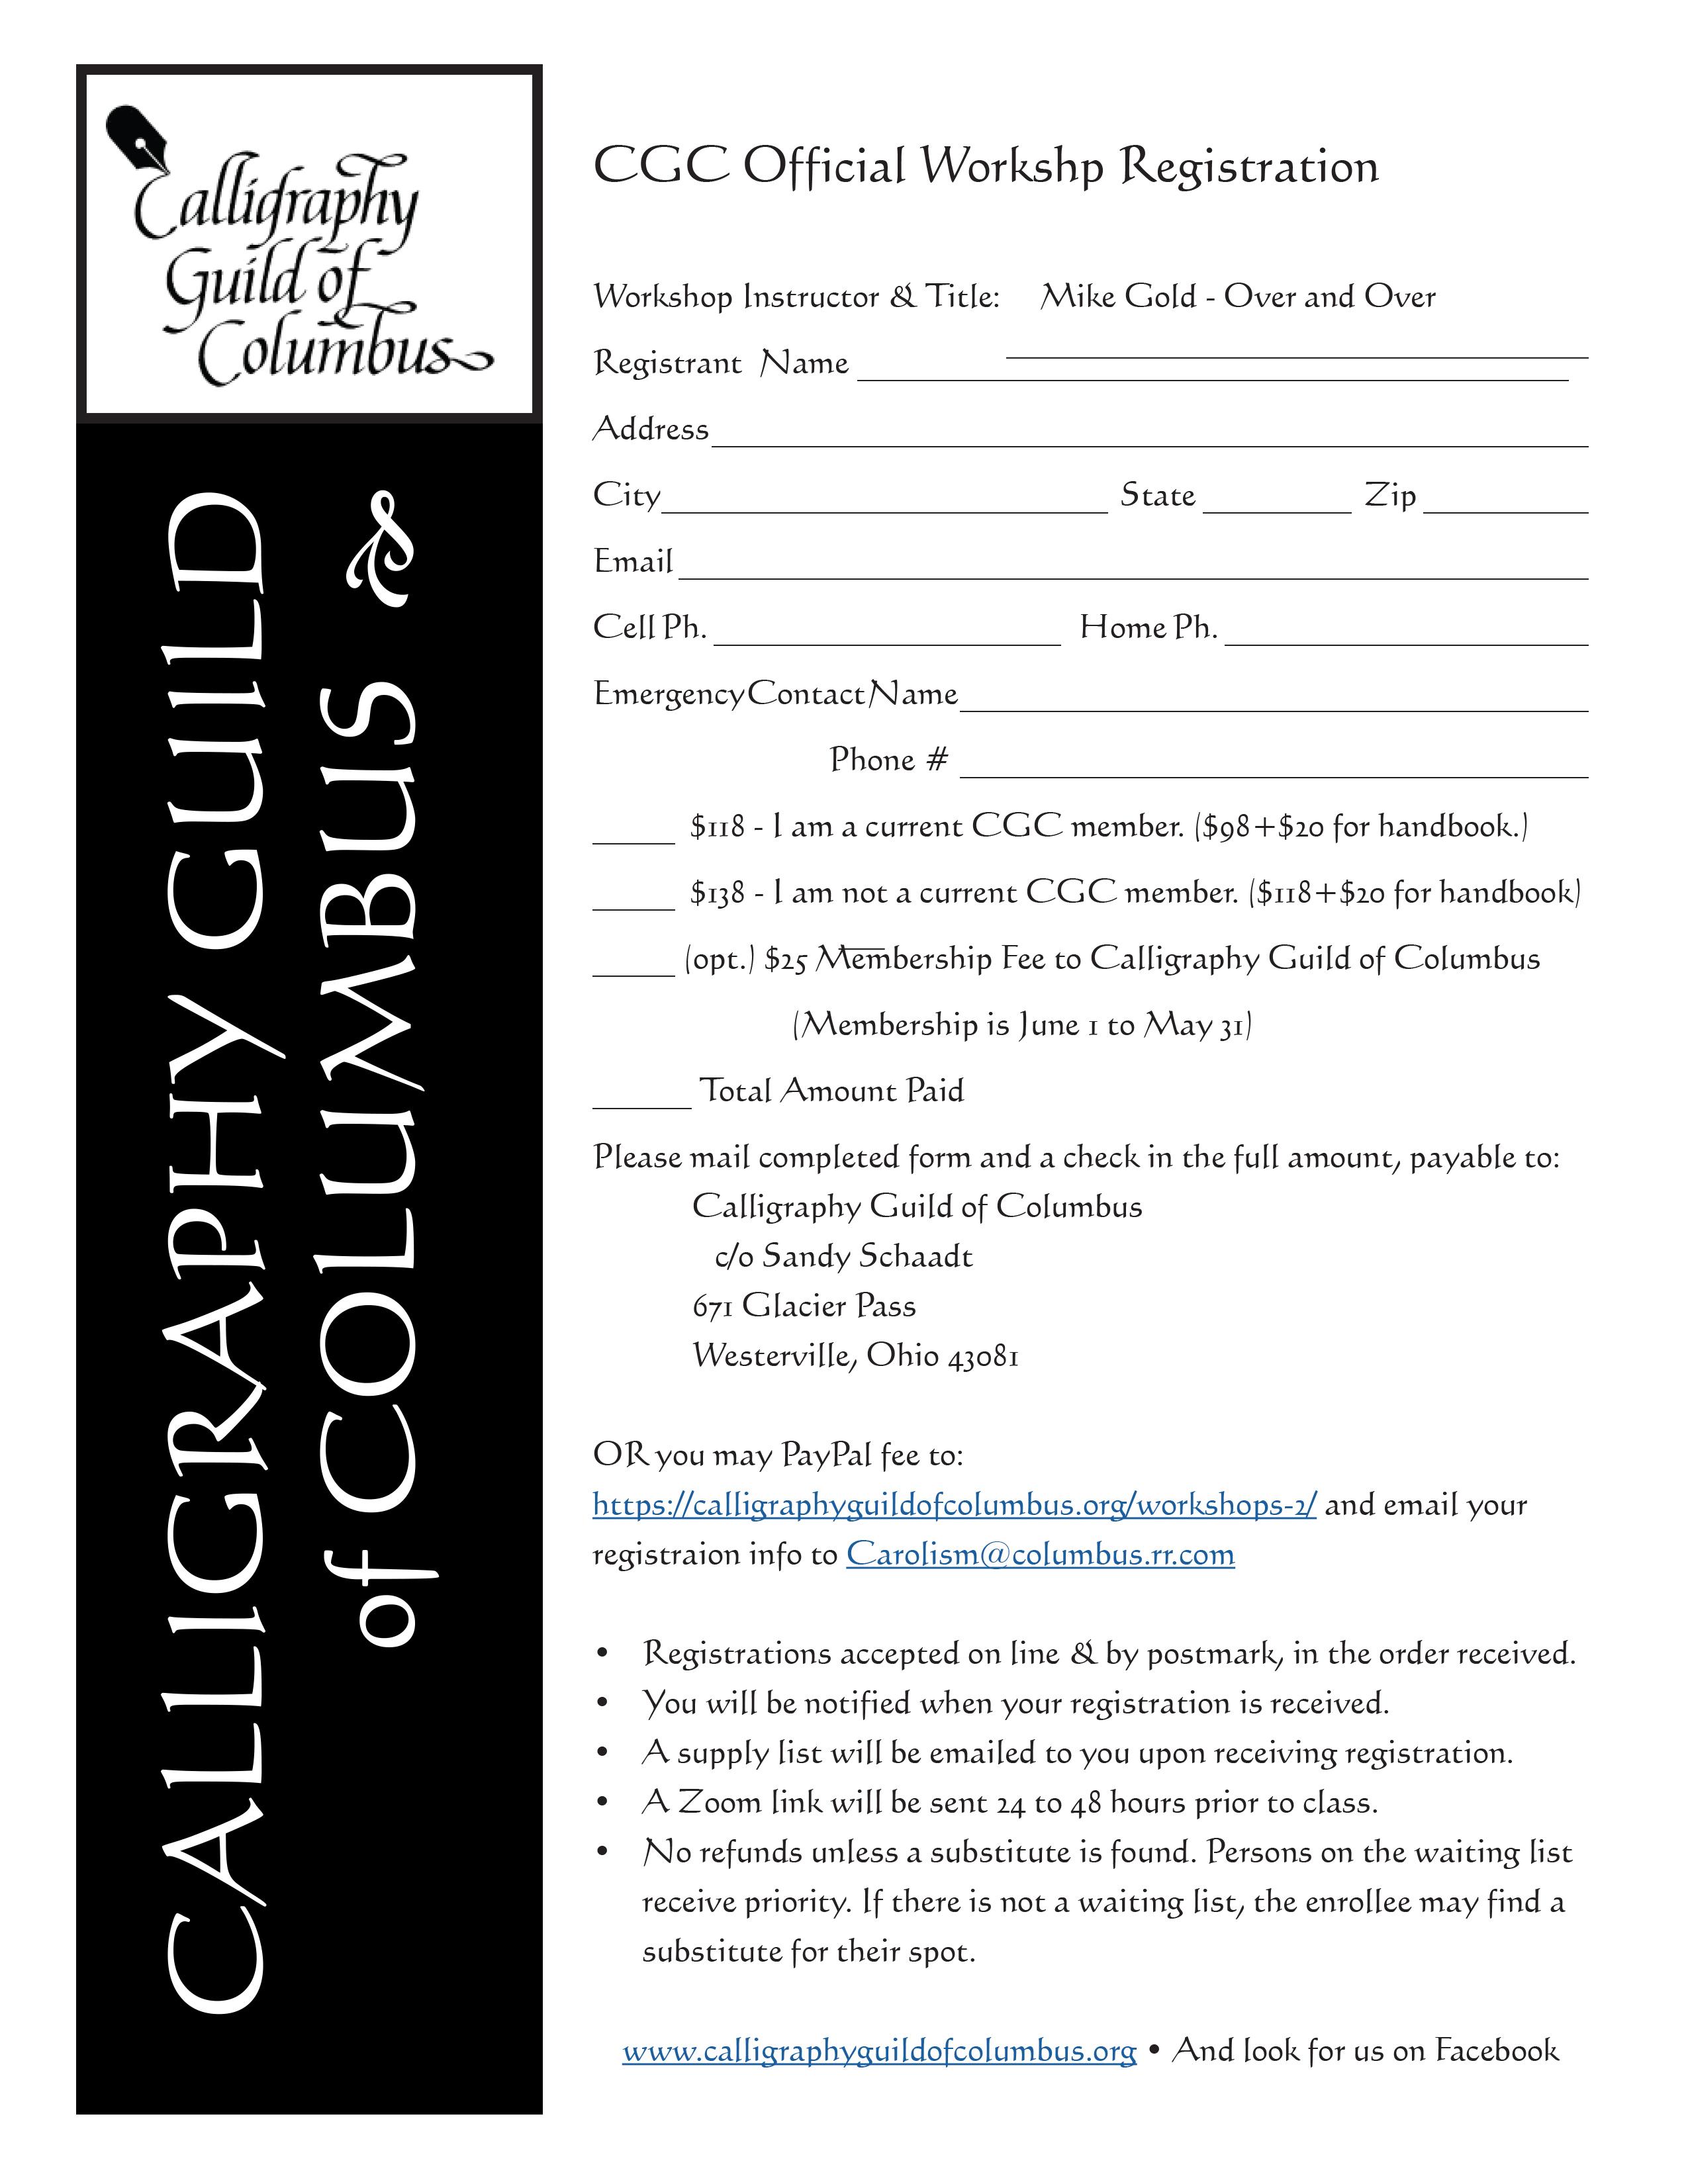 2020 Registration Form - Mike Gold.indd